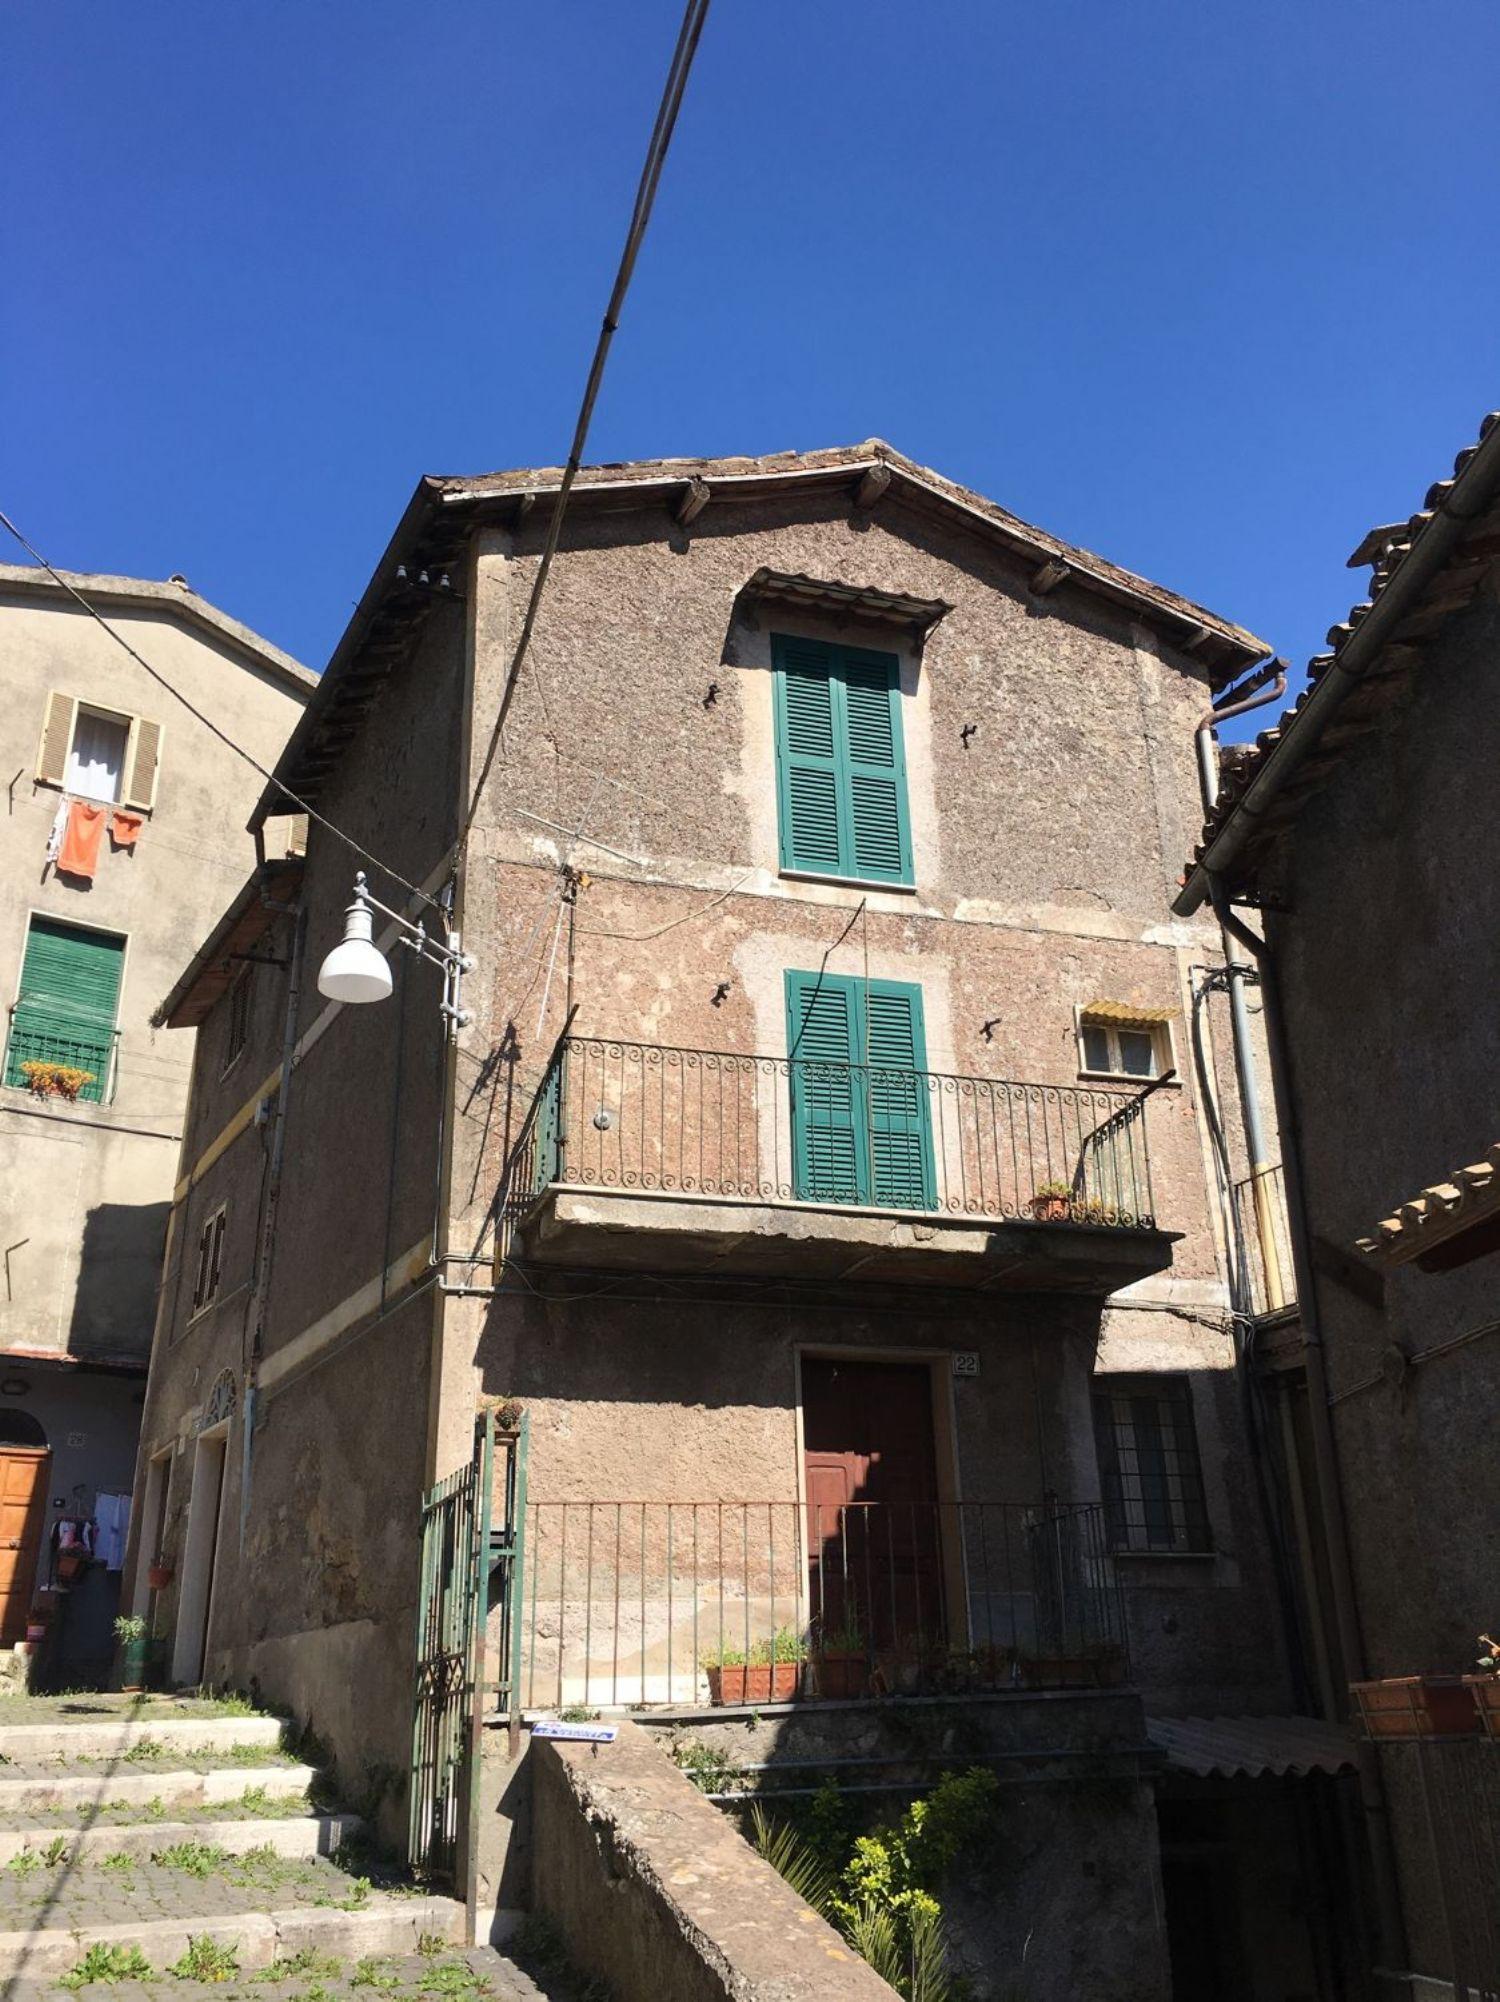 Appartamento in vendita a Subiaco, 3 locali, prezzo € 58.000 | CambioCasa.it